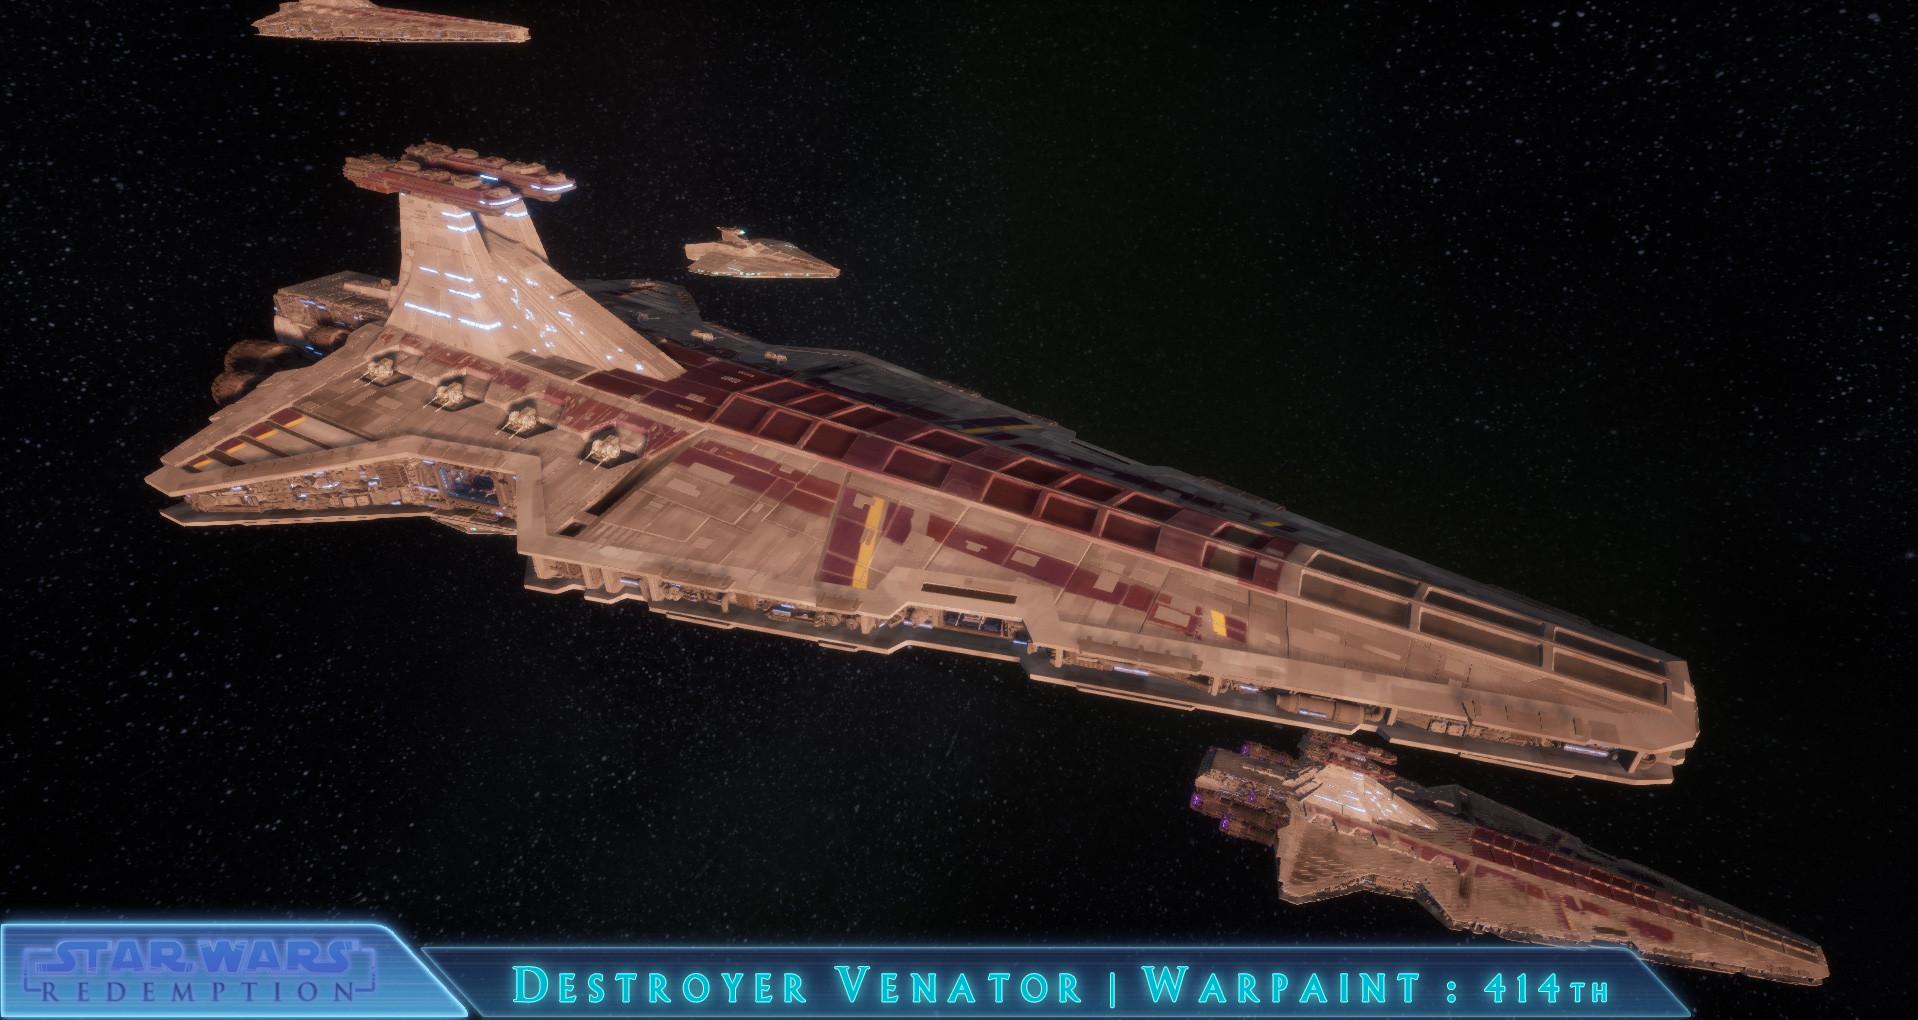 etienne-beschet-venator-warpaint-414th.j